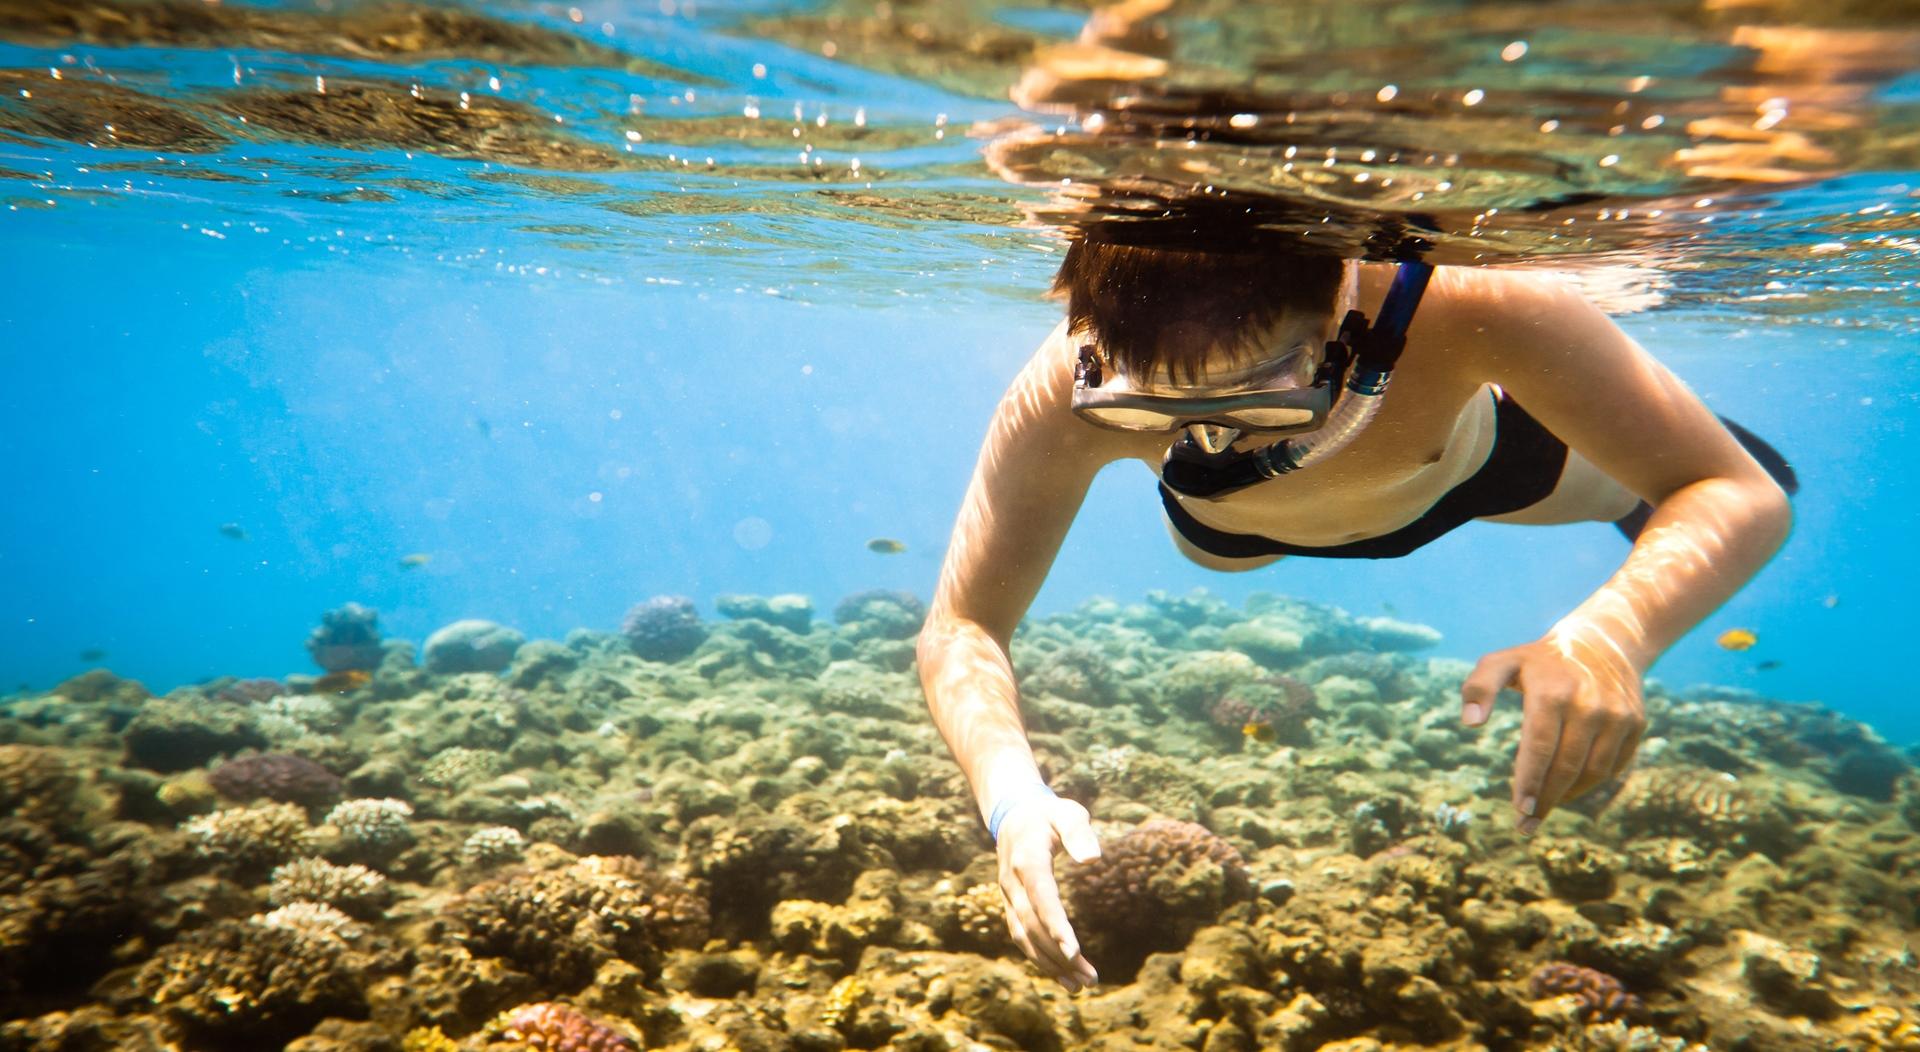 Wisata Snorkeling Lampung